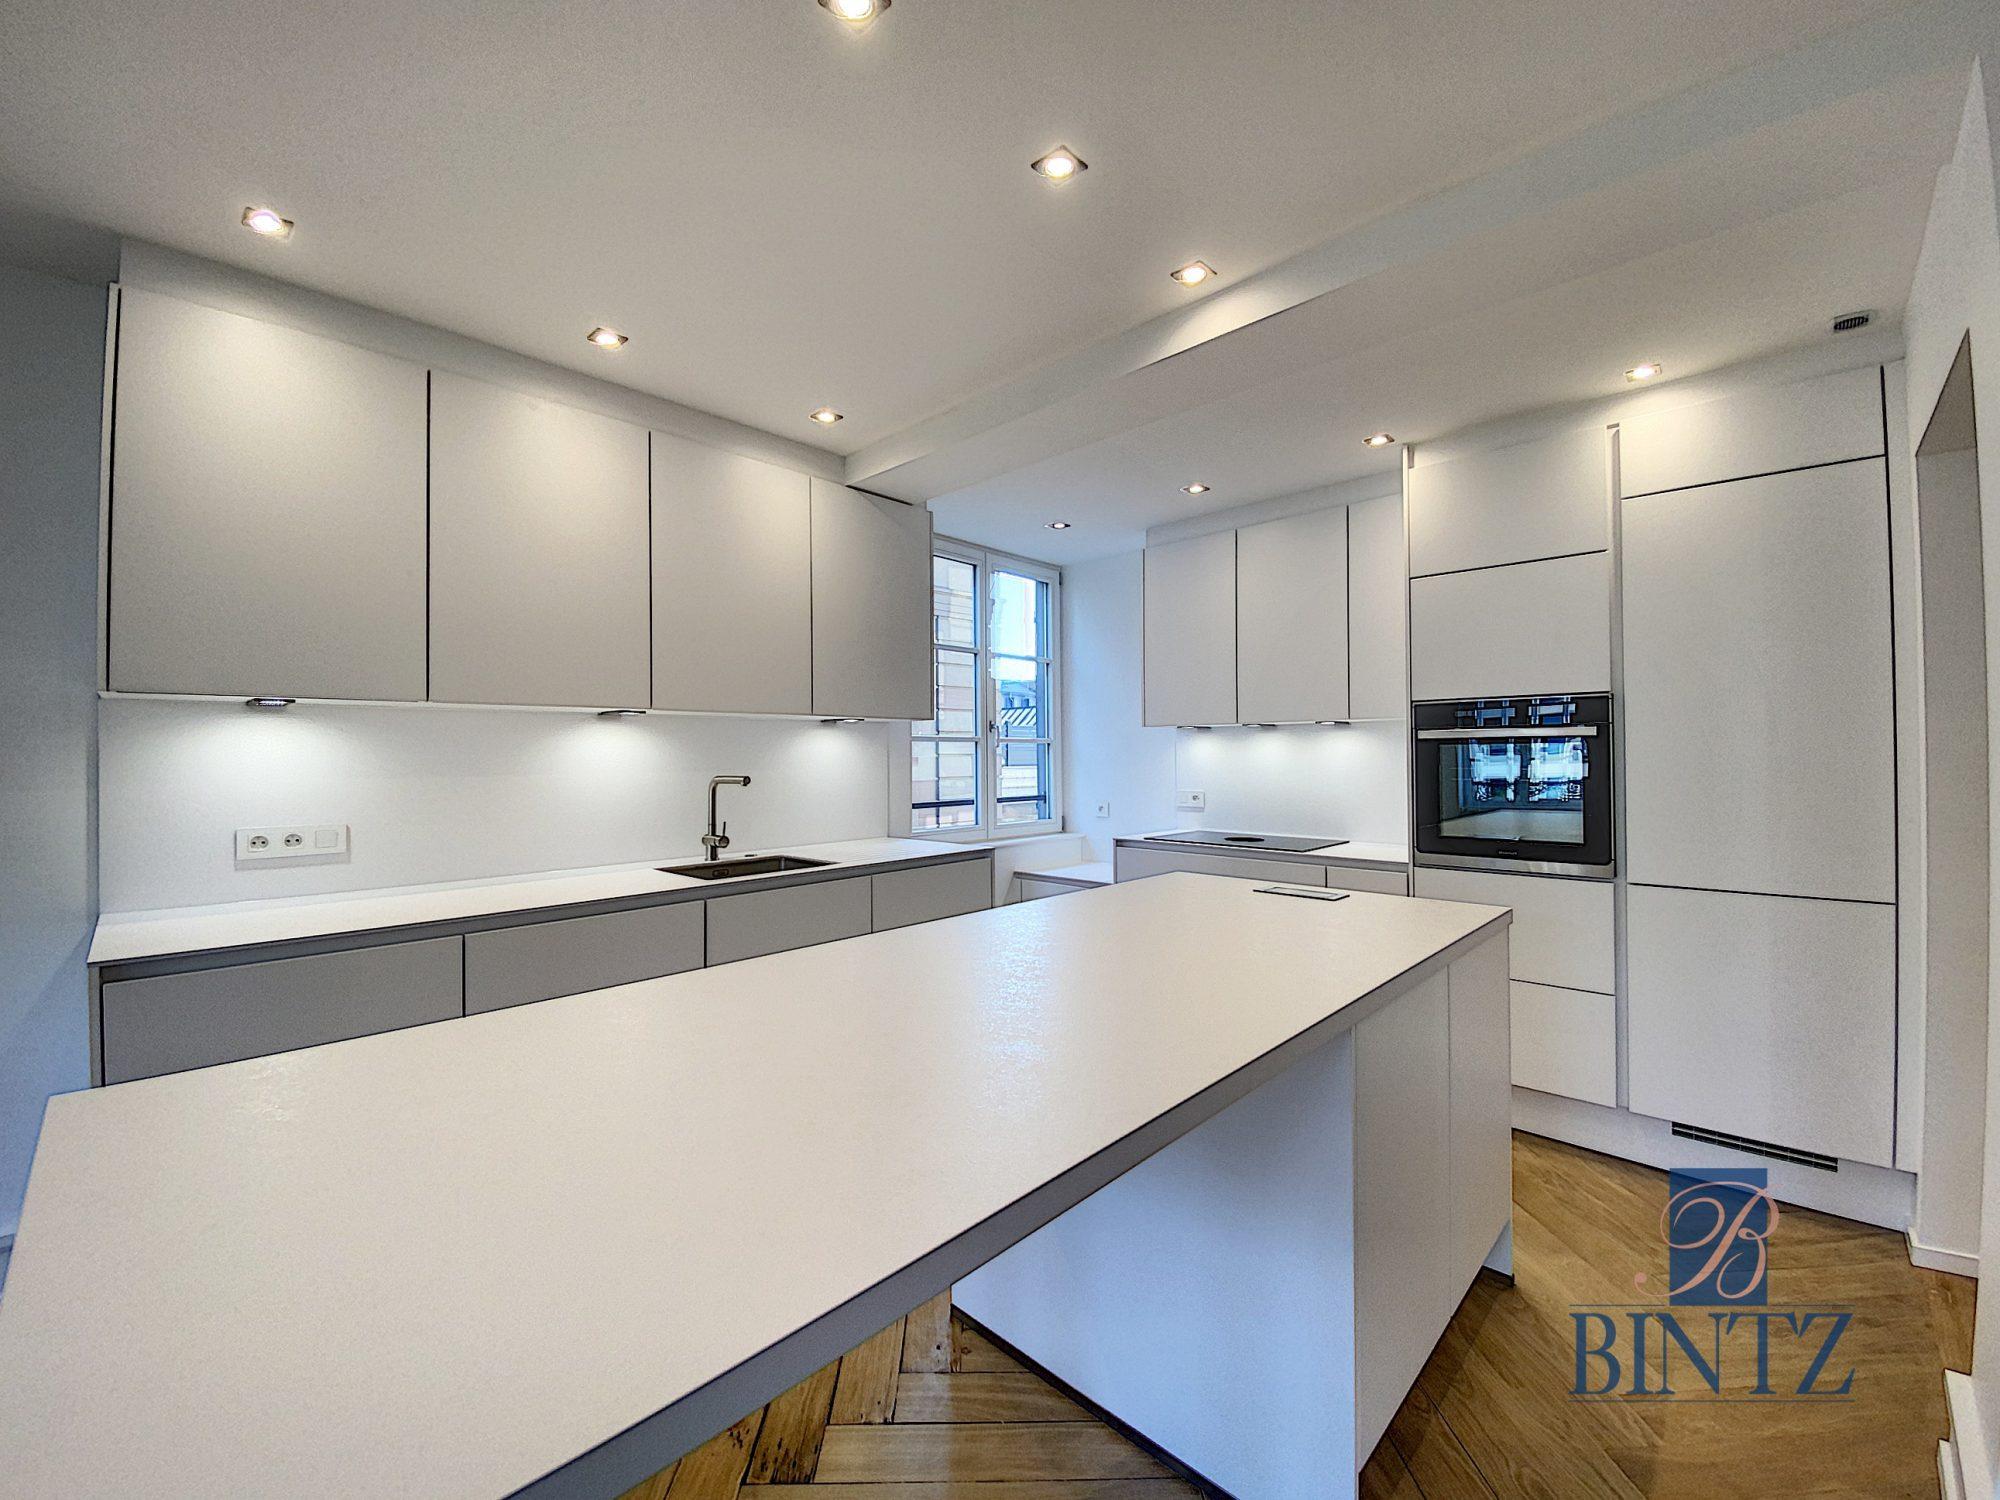 5 pièces d'exception face à la mairie - Devenez locataire en toute sérénité - Bintz Immobilier - 10